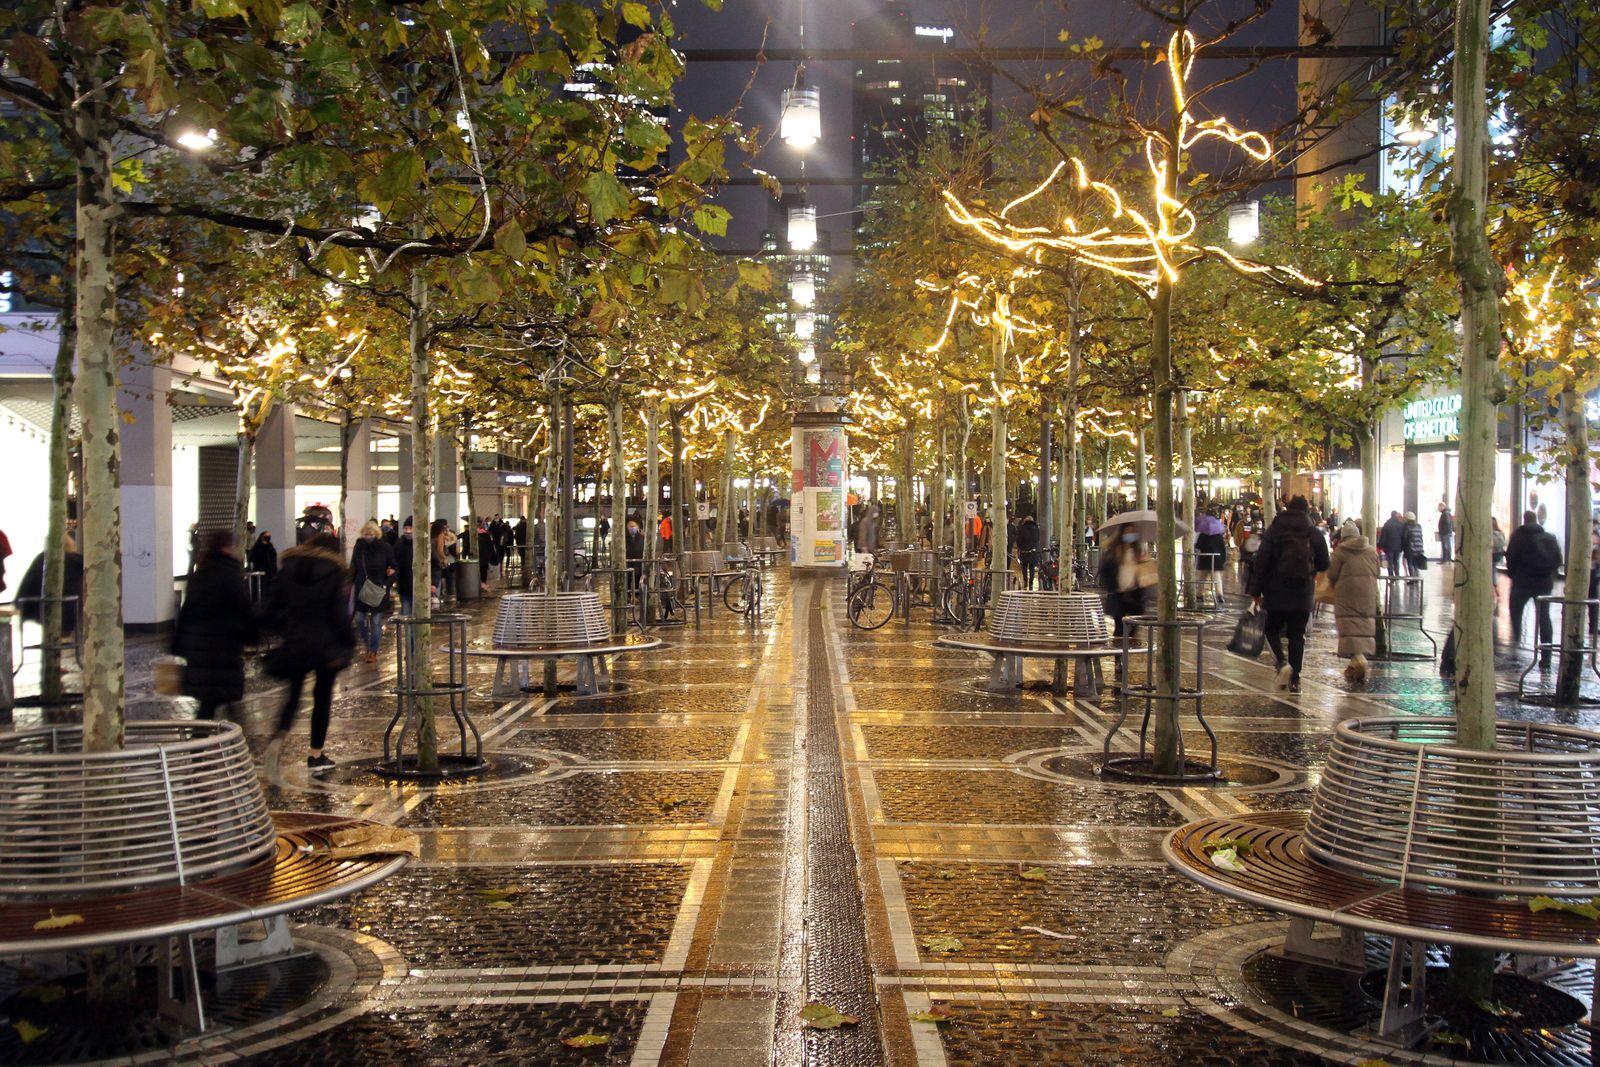 Am Vorabend des Lockdown s war die Einkaufsstraße und Fußgängerzone Zeil in der Innenstadt von Frankfurt zwar gut besuc